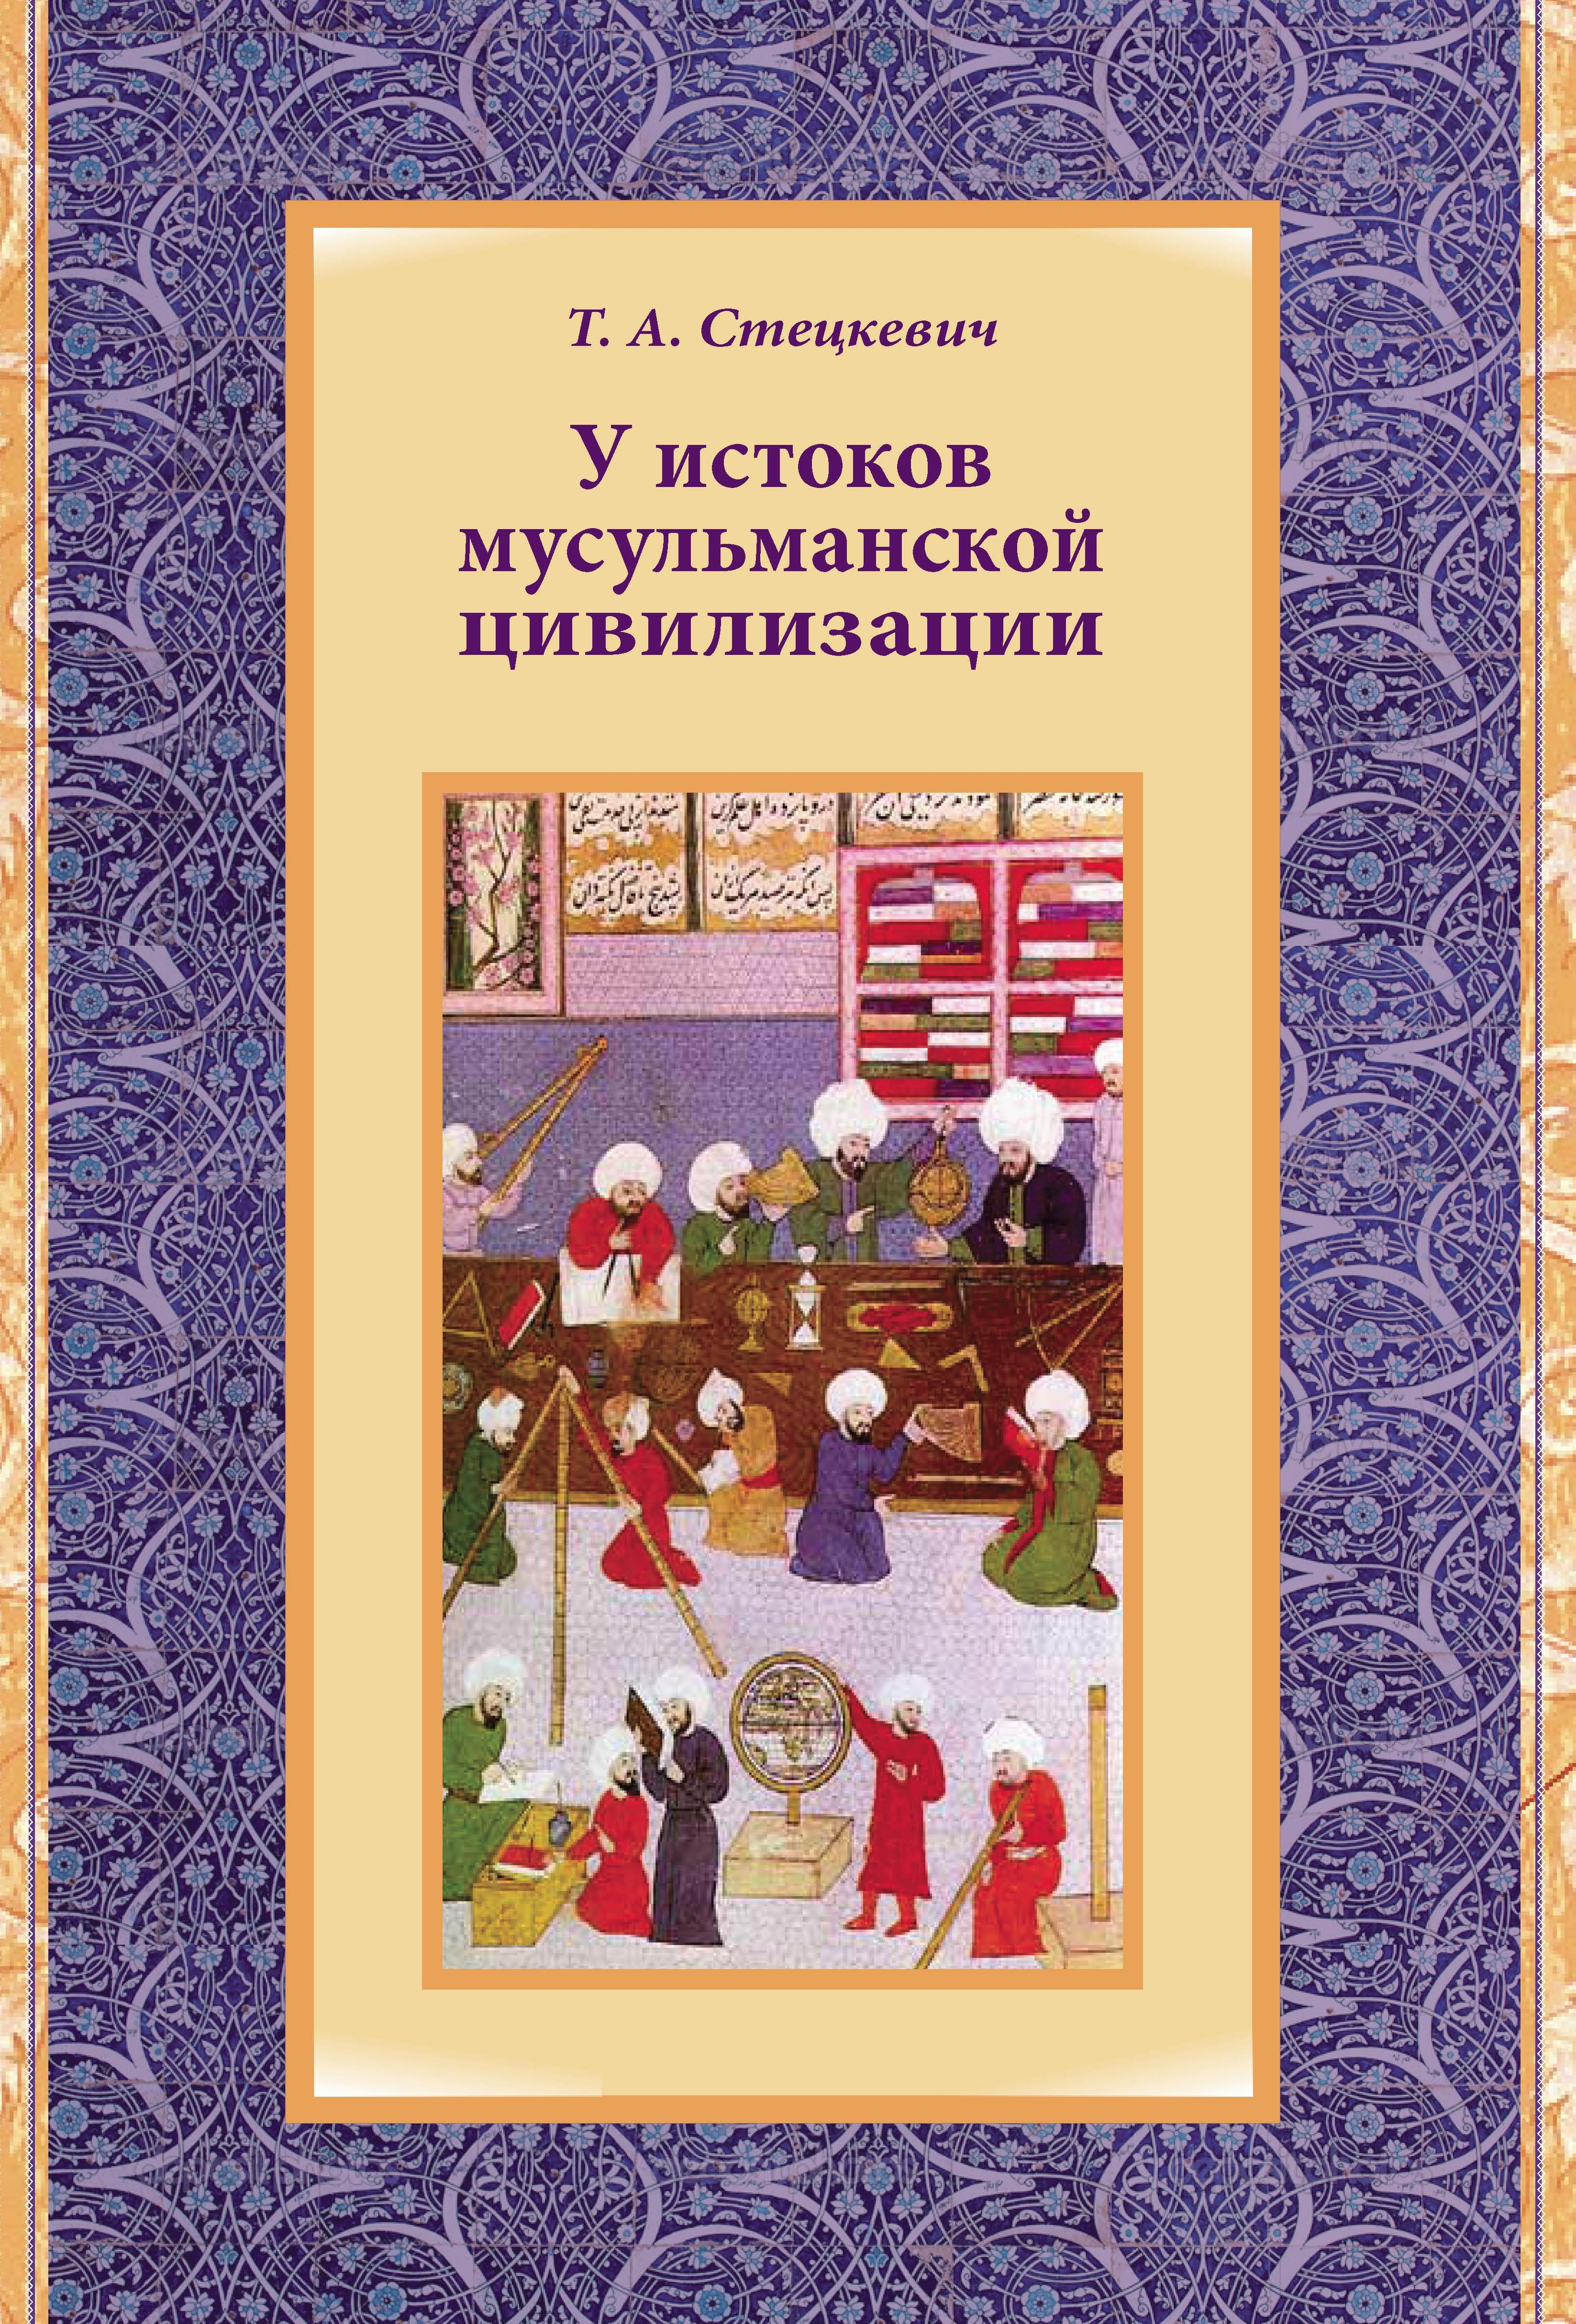 Купить книгу У истоков мусульманской цивилизации, автора Т. А. Стецкевича